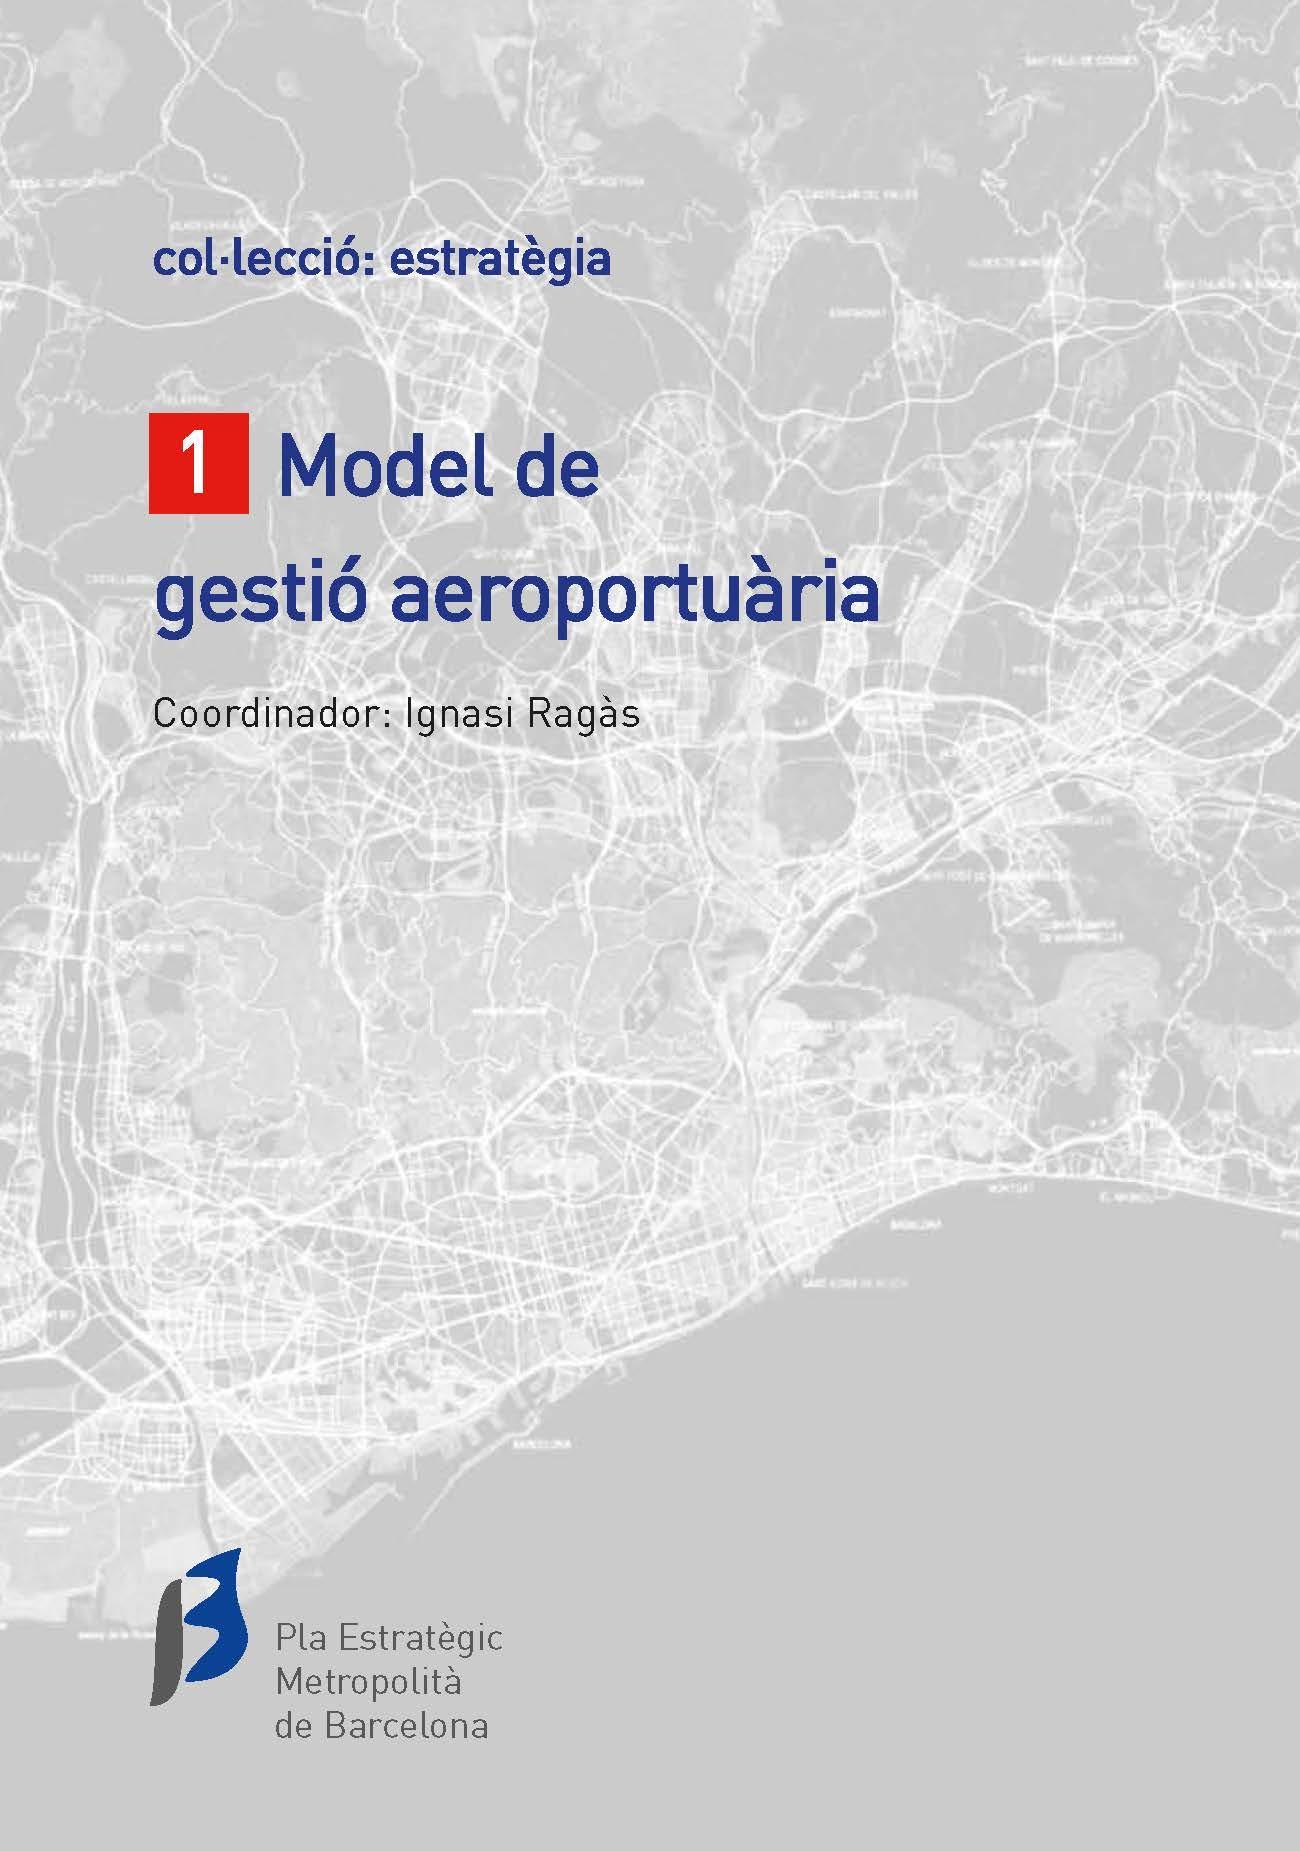 Model de gestió aeroportuària